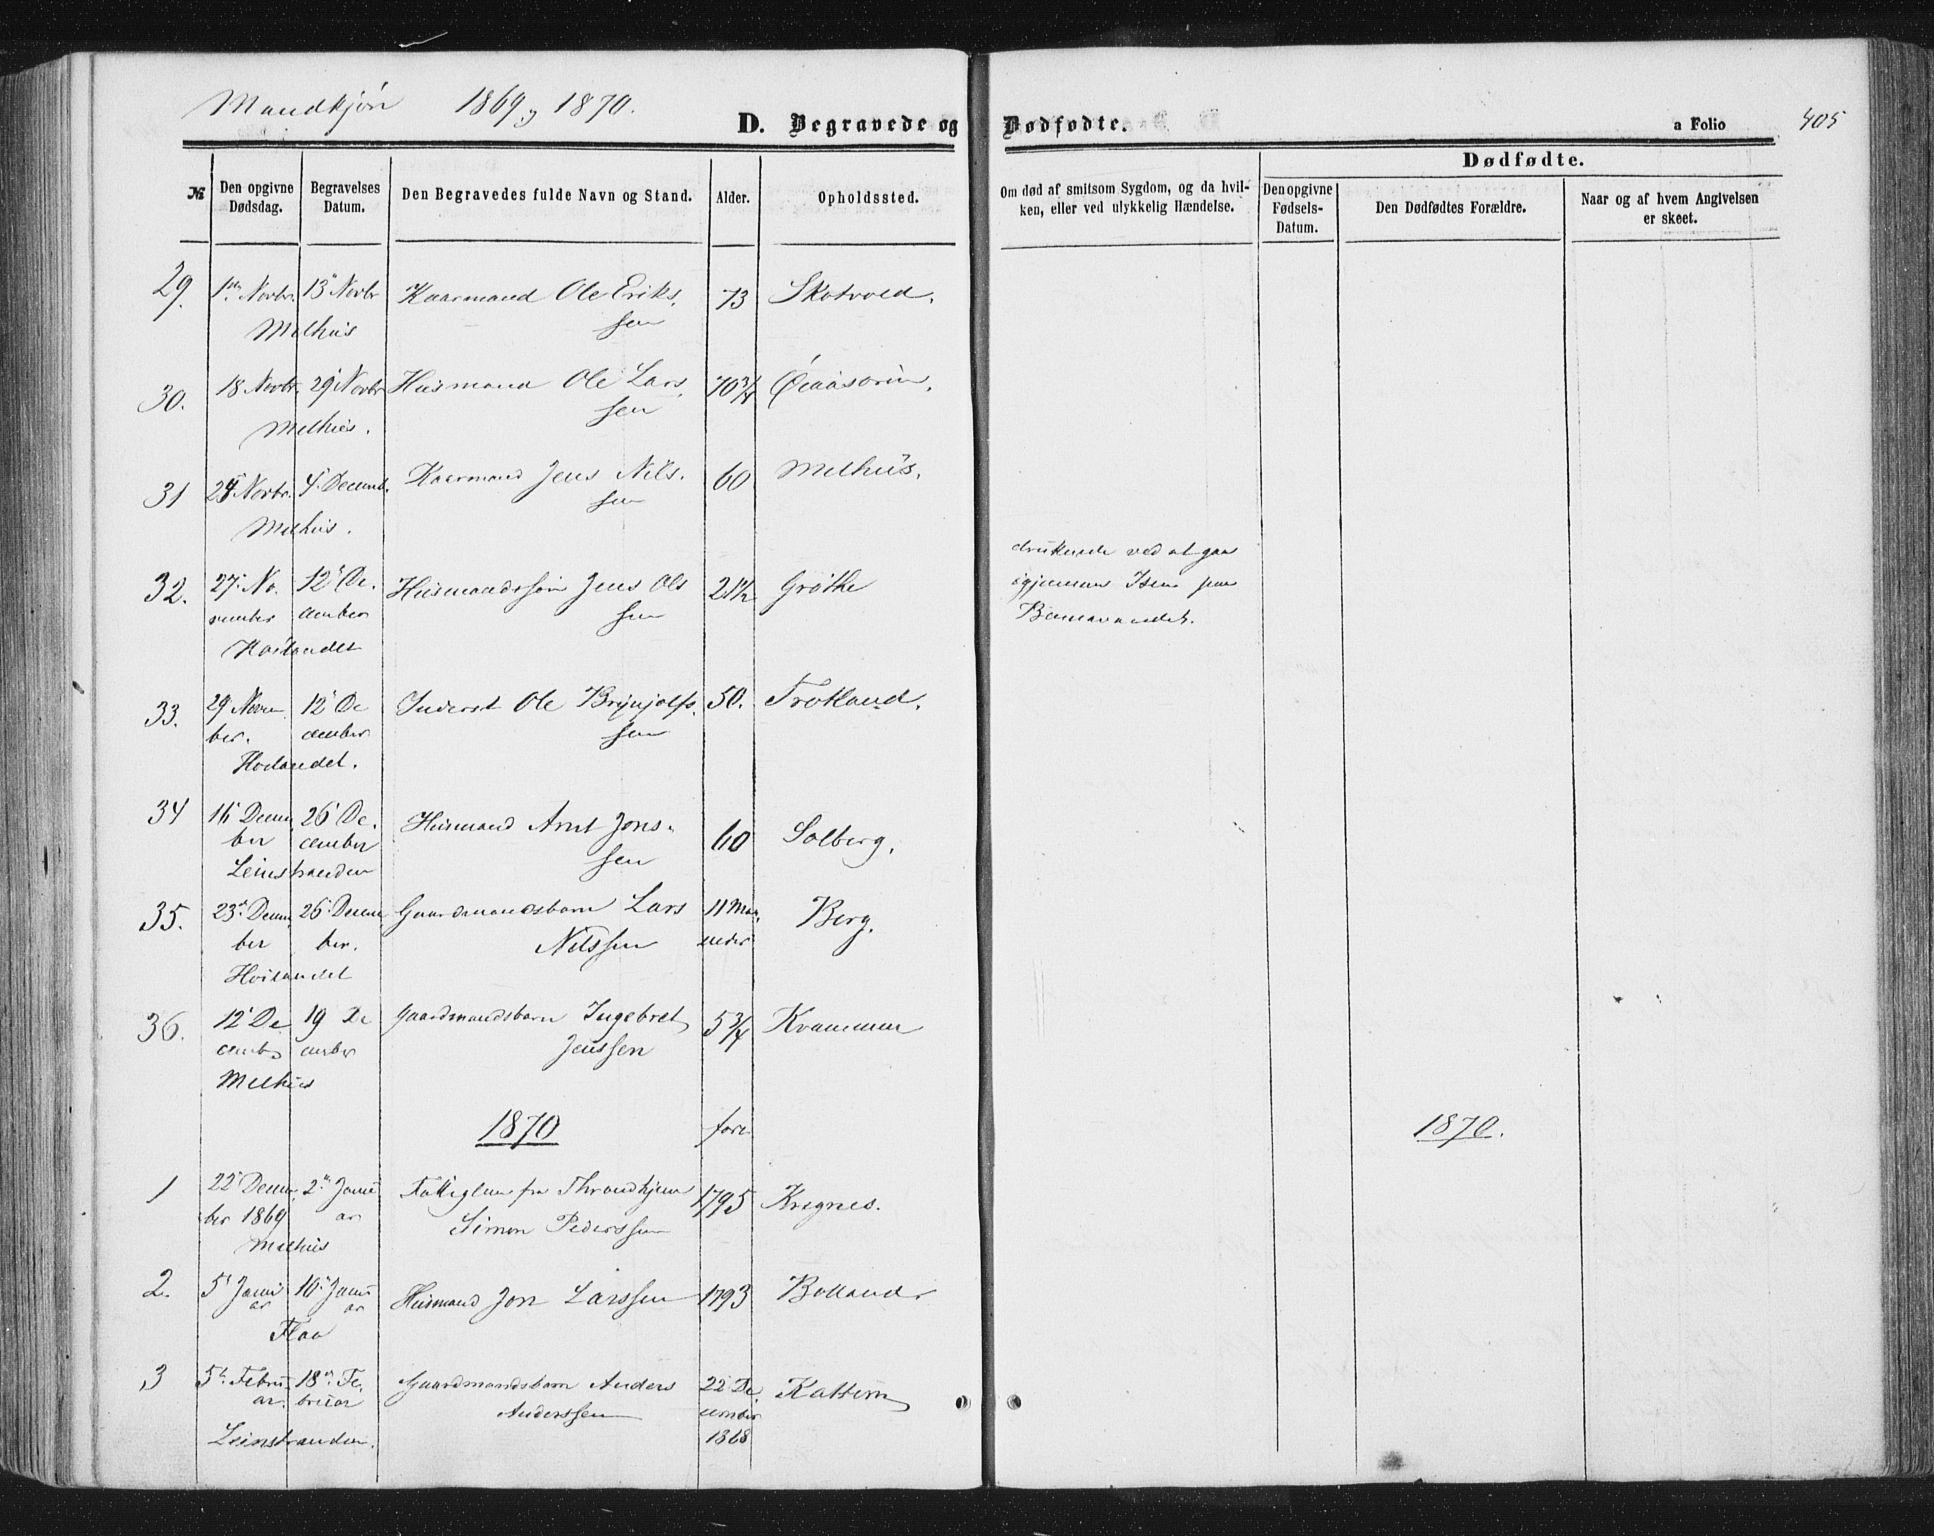 SAT, Ministerialprotokoller, klokkerbøker og fødselsregistre - Sør-Trøndelag, 691/L1077: Ministerialbok nr. 691A09, 1862-1873, s. 405